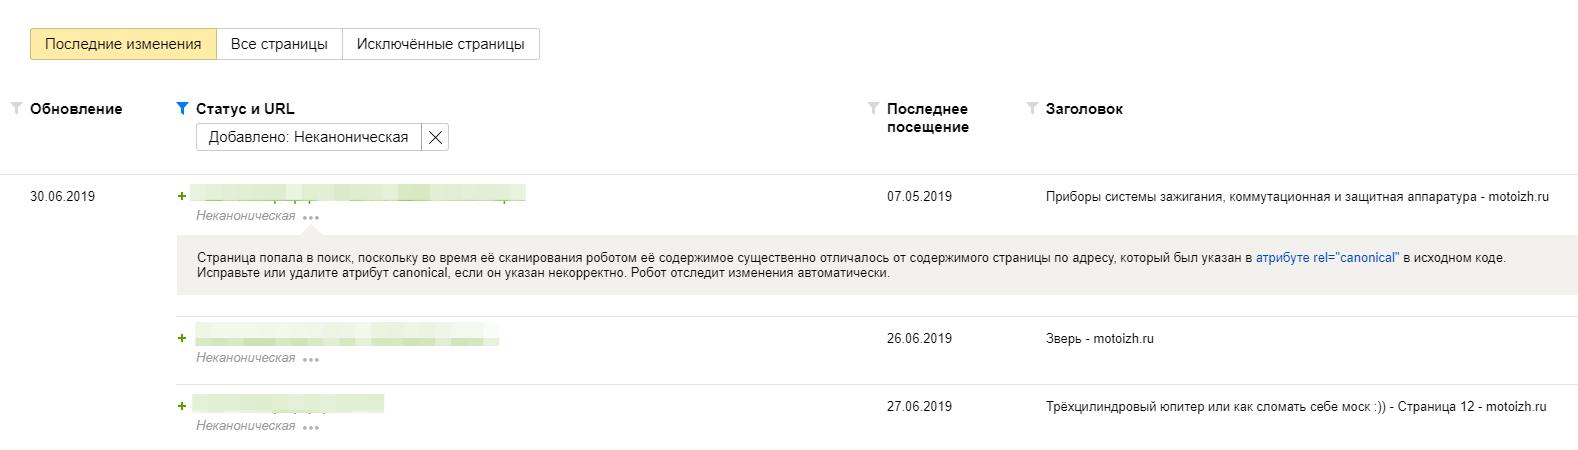 Как посмотреть каноникал страницы в Яндекс.Вебмастере